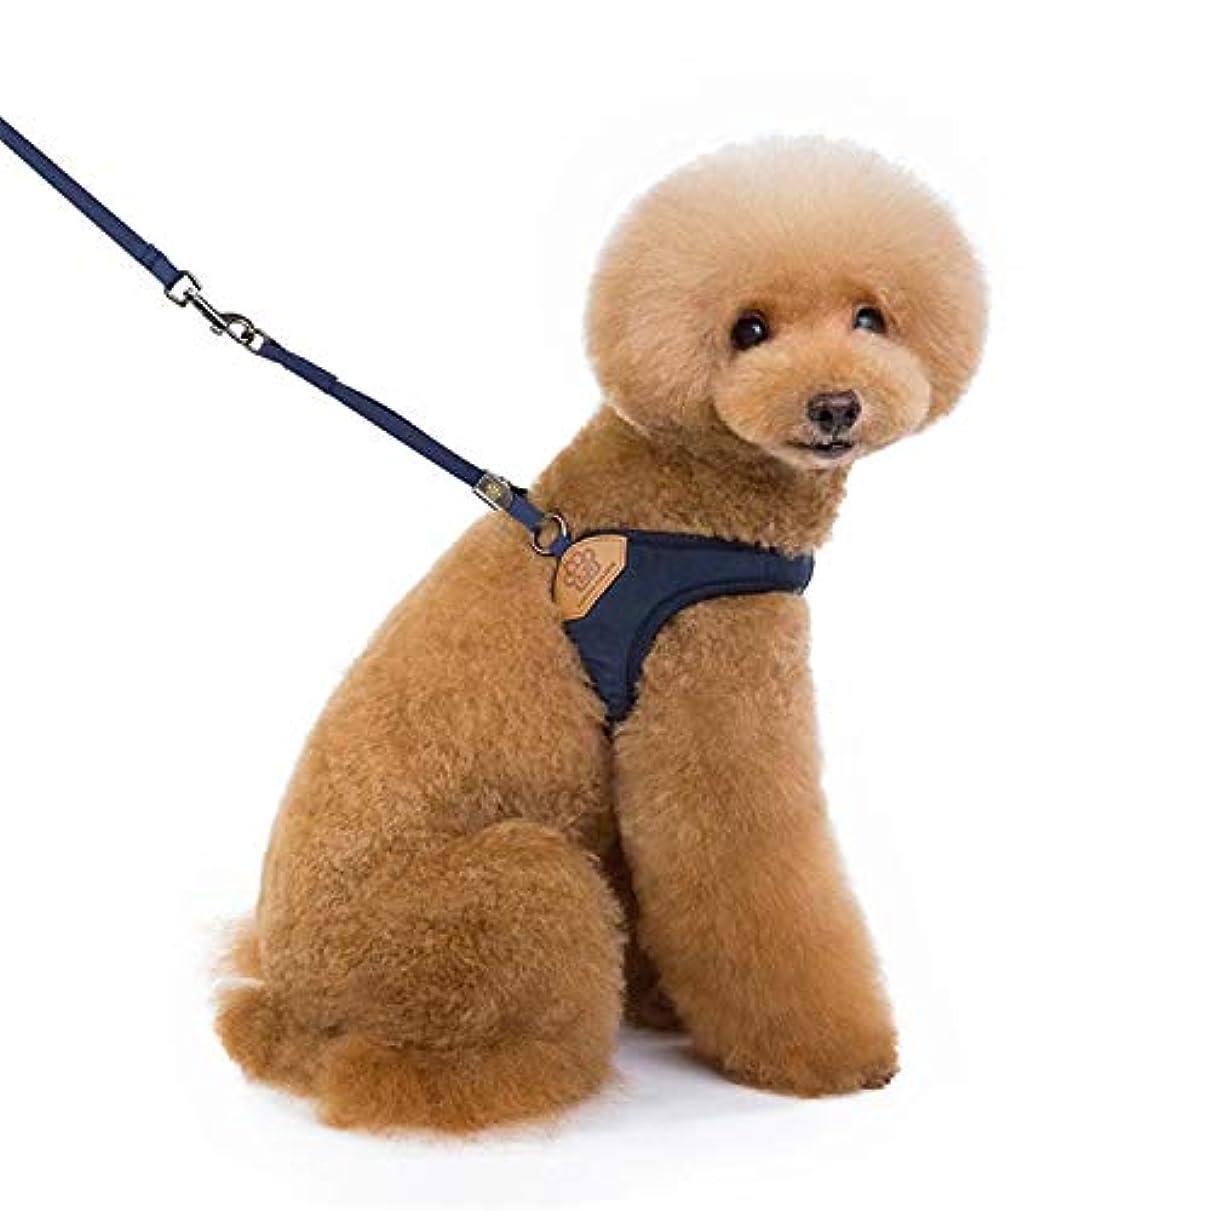 ケイ素イソギンチャク弾力性のある犬猫 ハーネス リード 首輪 散歩 軽量 革 起毛革 質感 長持ち (S, ネイビー)